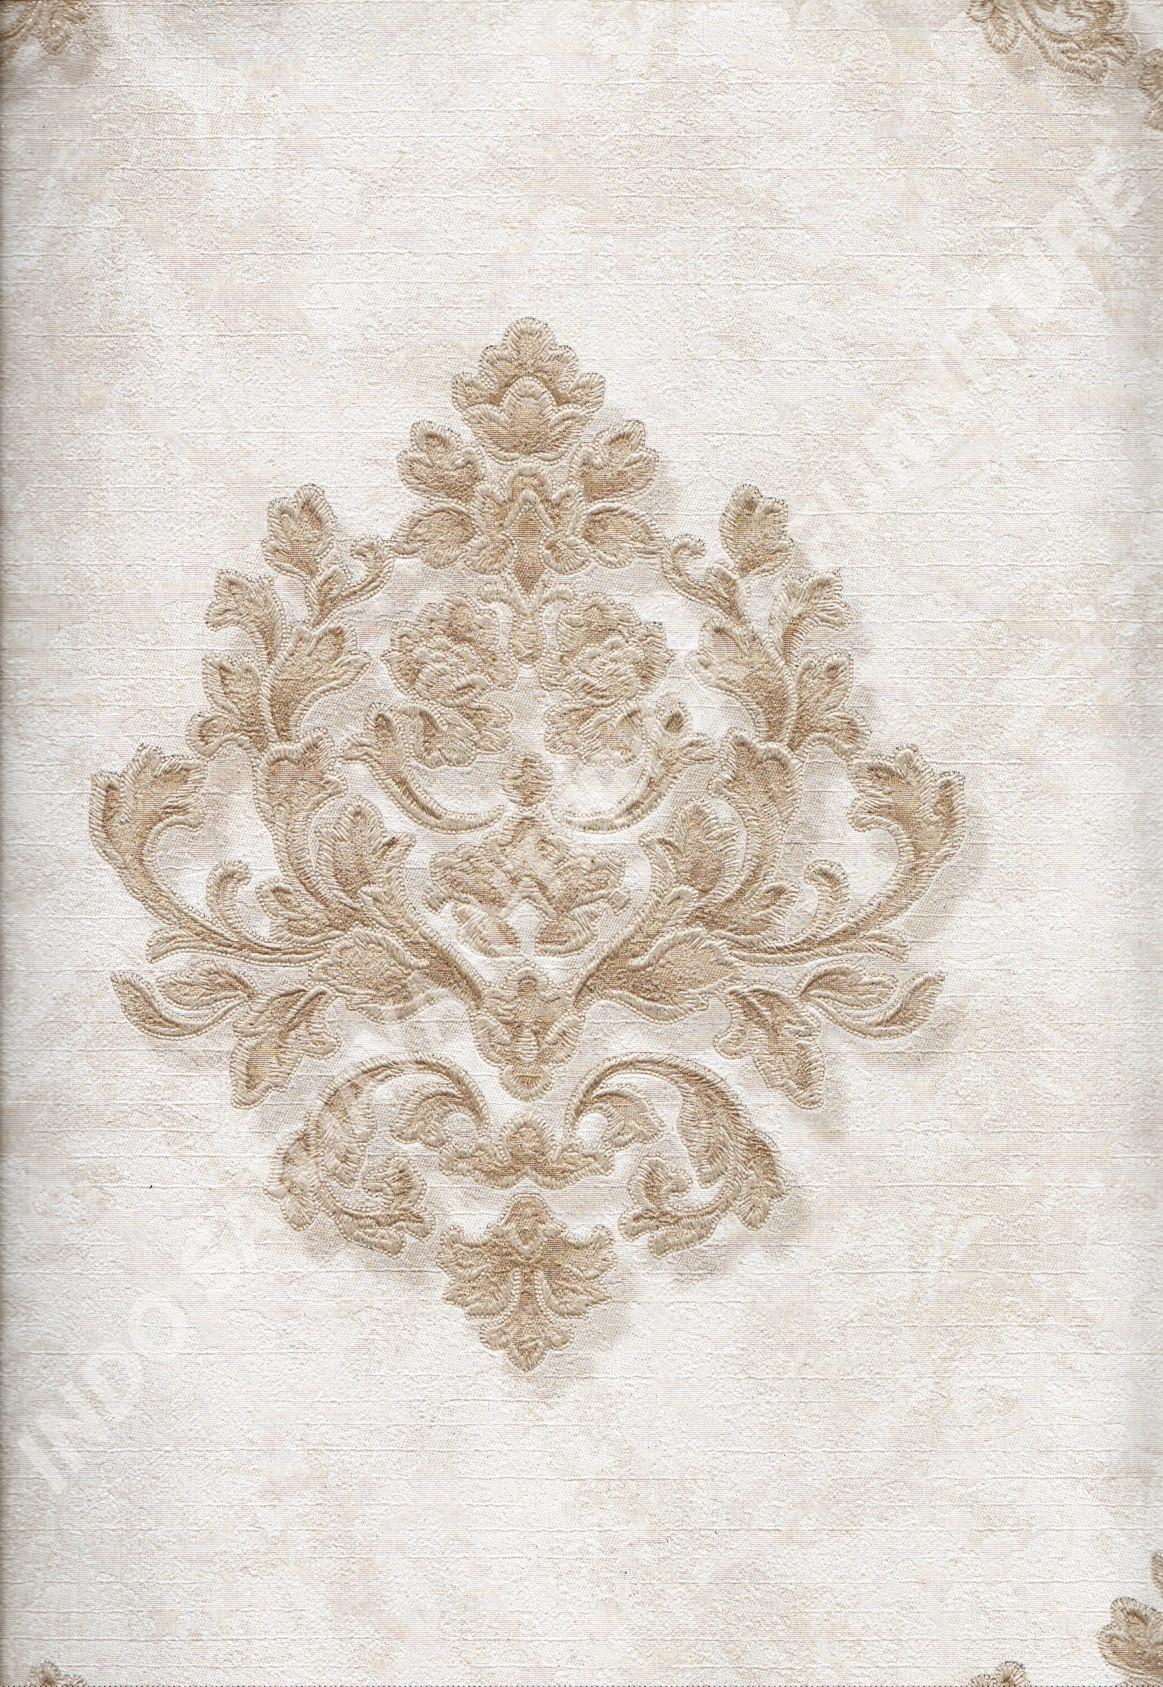 wallpaper   Wallpaper Klasik Batik (Damask) 81083-2:81083-2 corak  warna